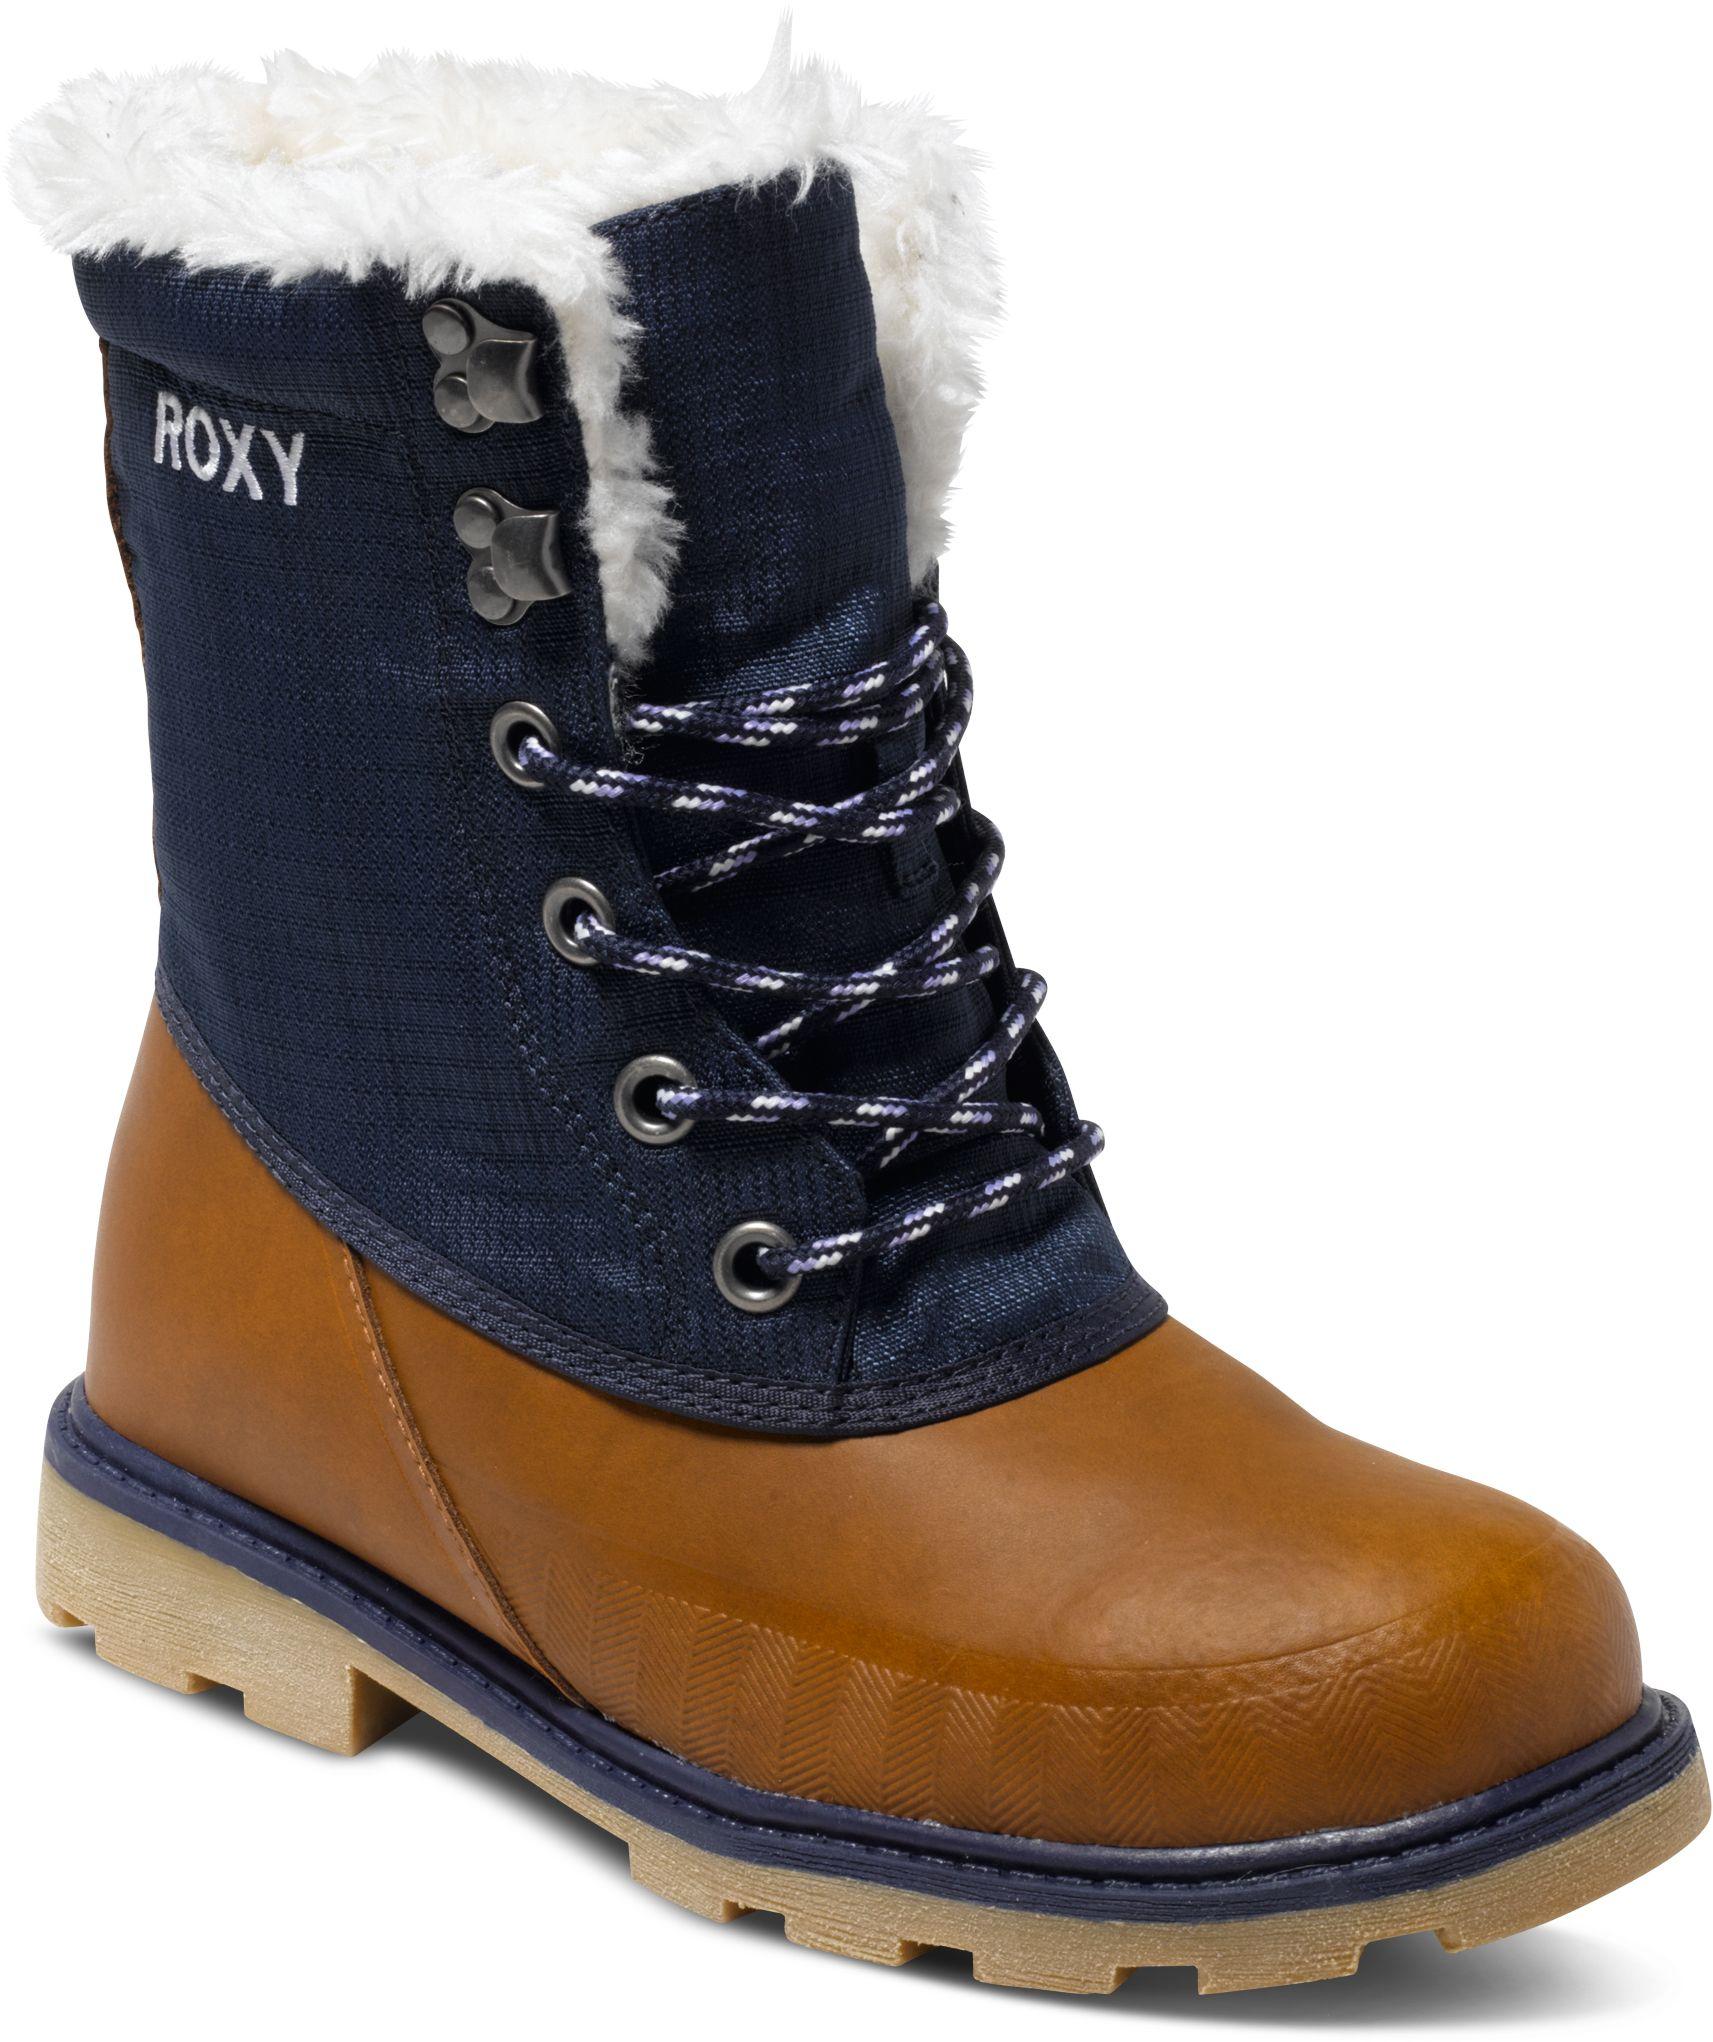 Damske Zimne Topanky Roxy Himalaya J Boot Nvy 968586363 584263438 Dams...